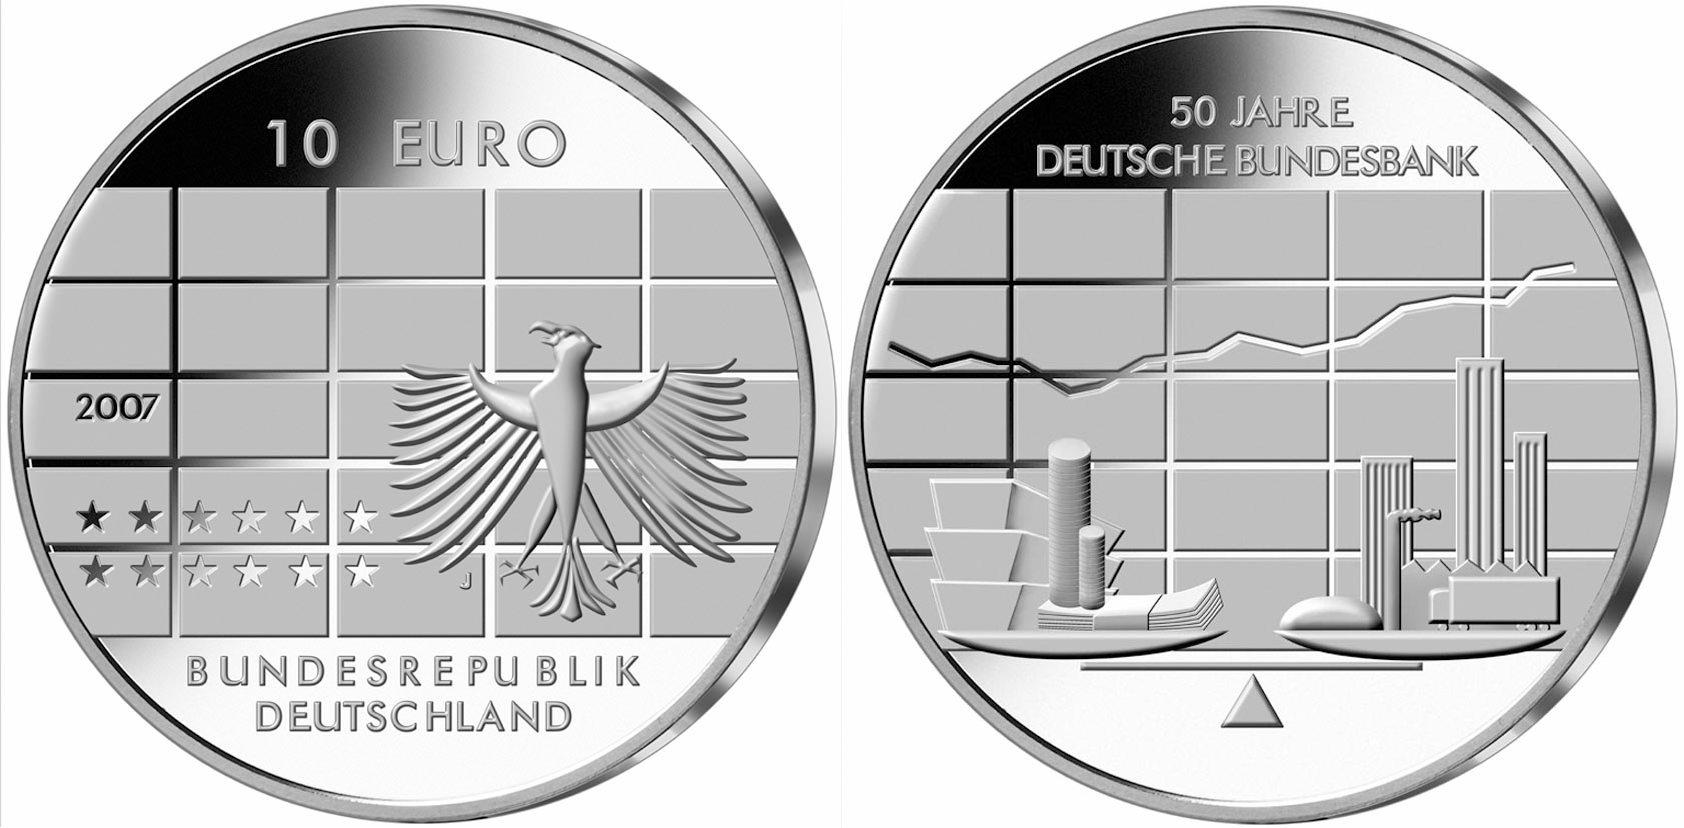 10 Euro Münze Deutsche Bundesbank Erschienen